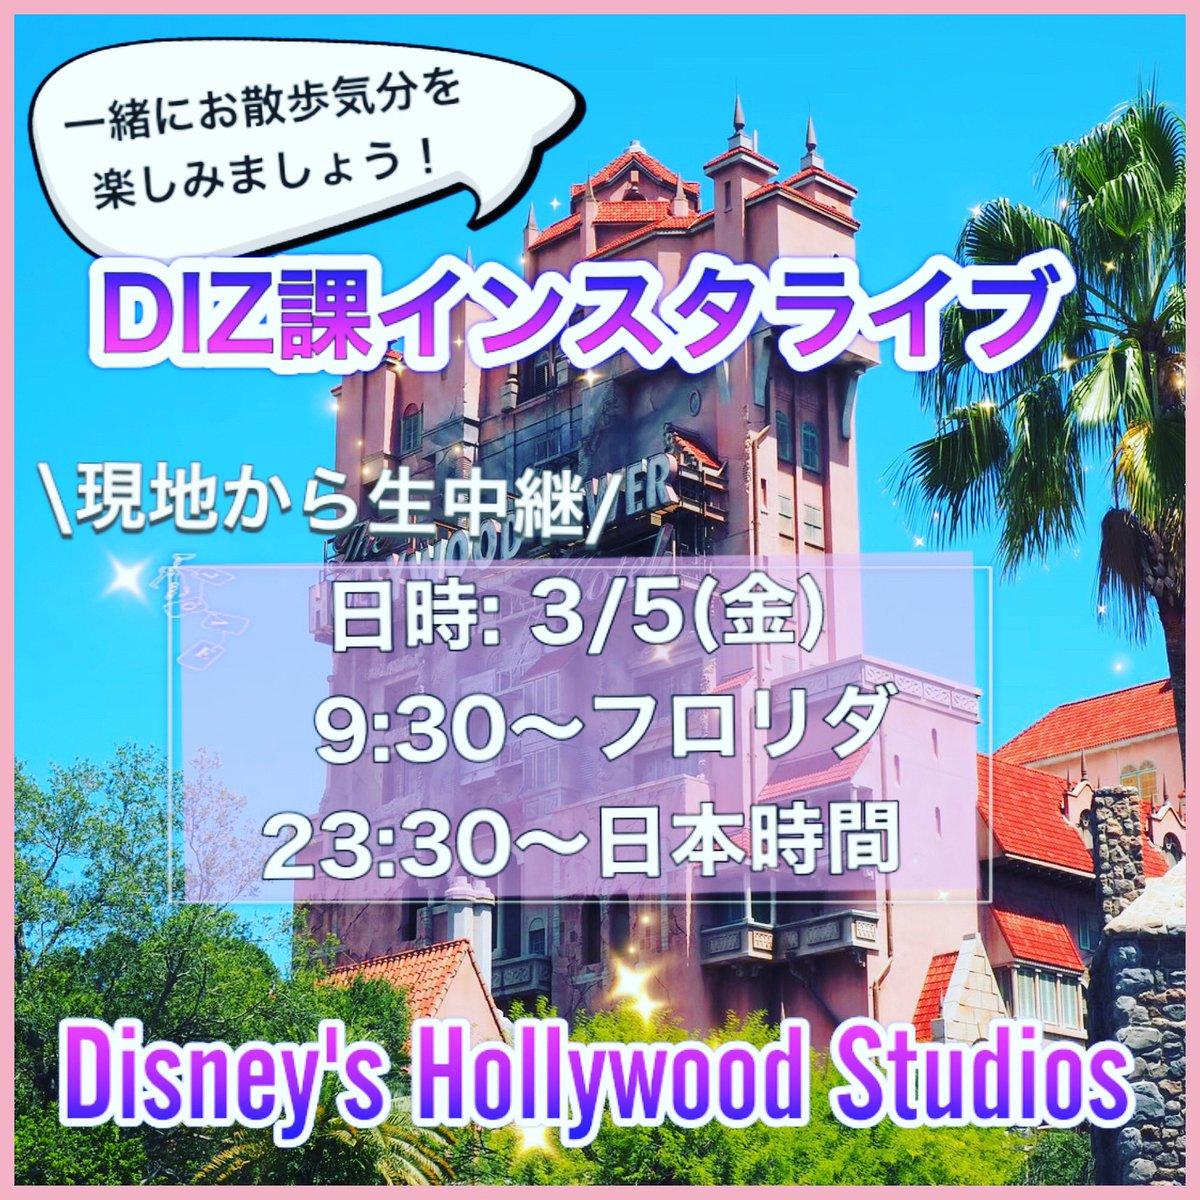 ハリウッドスタジオからインスタライブ開催決定! 日時 3/5(金)  9:30amフロリダ 23:30日本時間  詳しくはこちら↓✨ 🔍 是非お気軽にご参加ください😊  #disneyworld #disney #disney好き #インスタライブ #ディズニーワールド